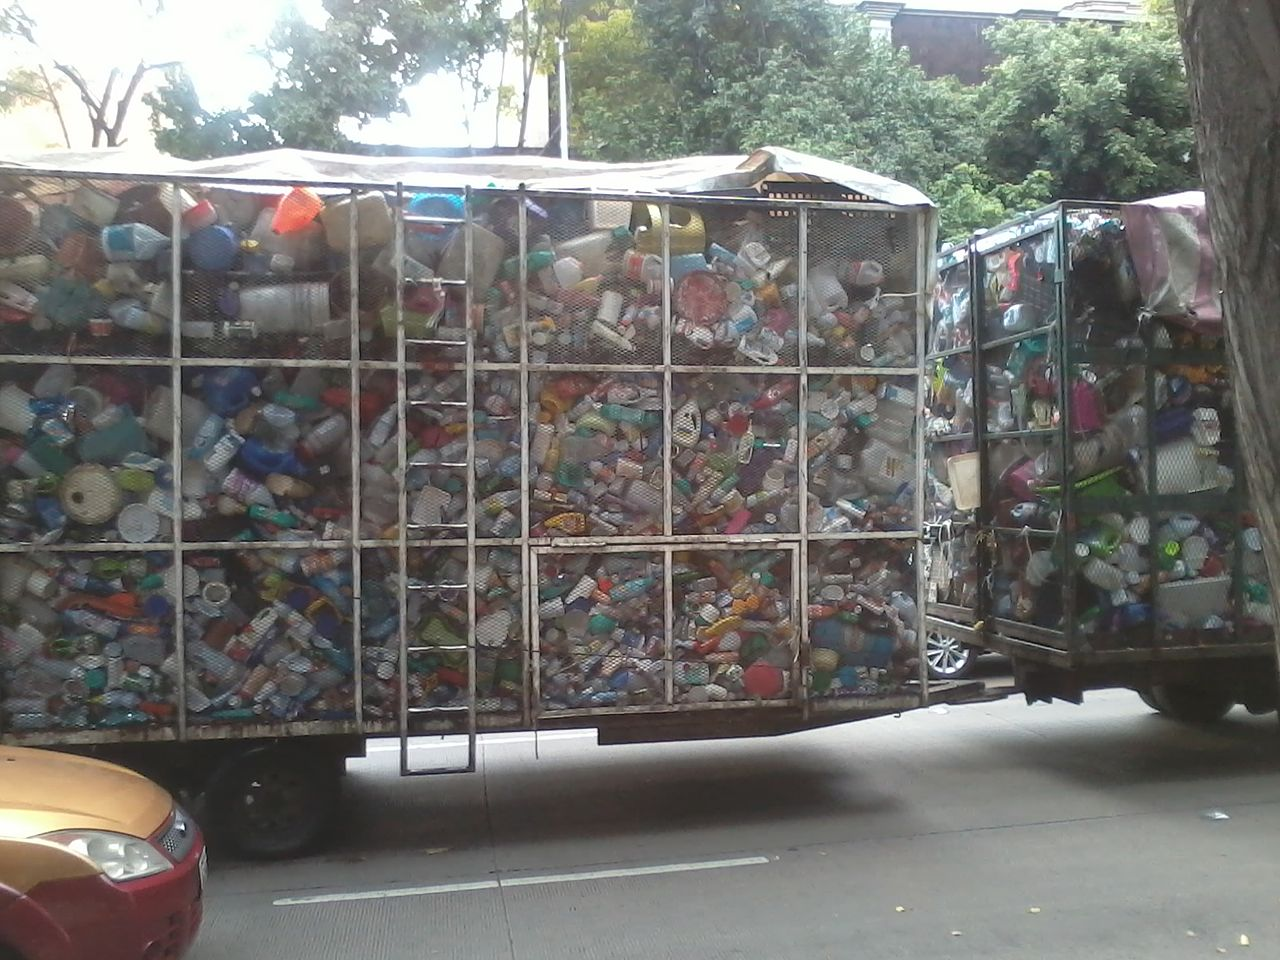 Camión transportador de botellas y envases de plástico (Av. Patriotismo y Eje 4 Sur Benjamín Franklin, México, D.F.) 01.jpg